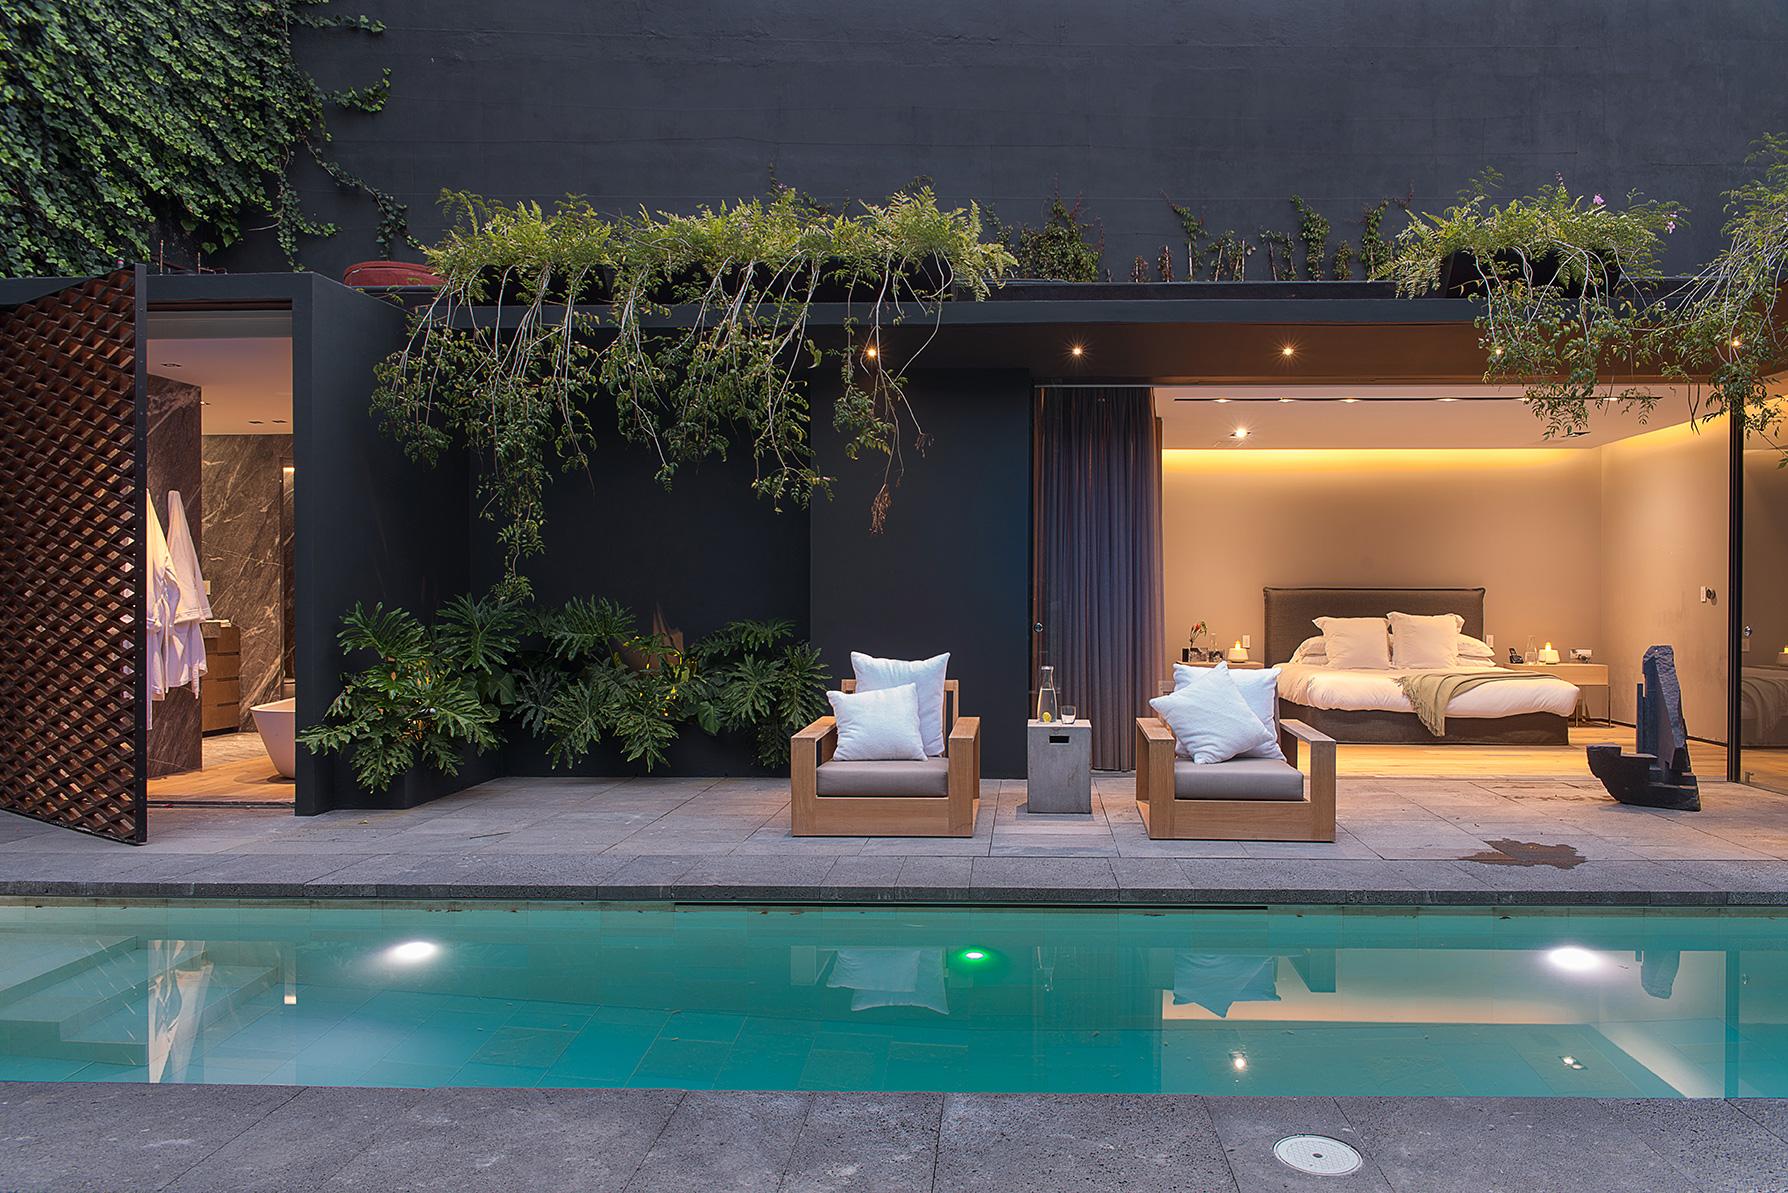 Barrancas House by EZEQUIELFARCA architecture design-26